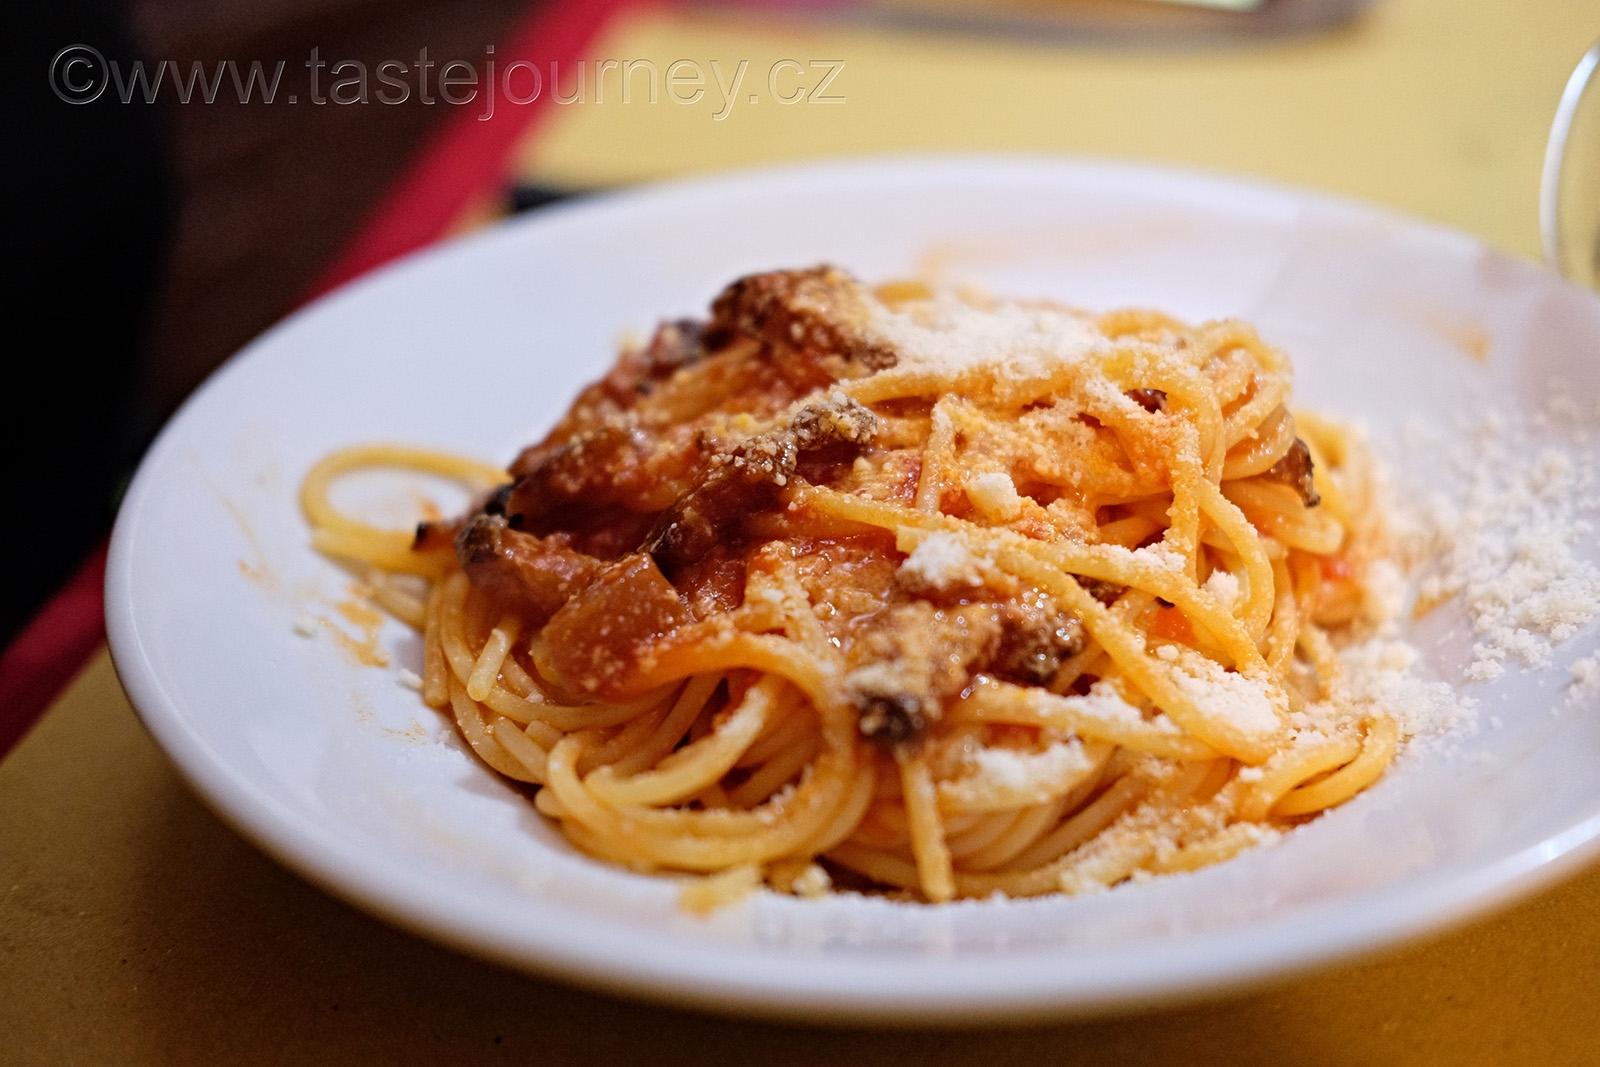 Nezbytnou surovinou k přípravě amatriciana je slanina, rajčata a sýr pecorino